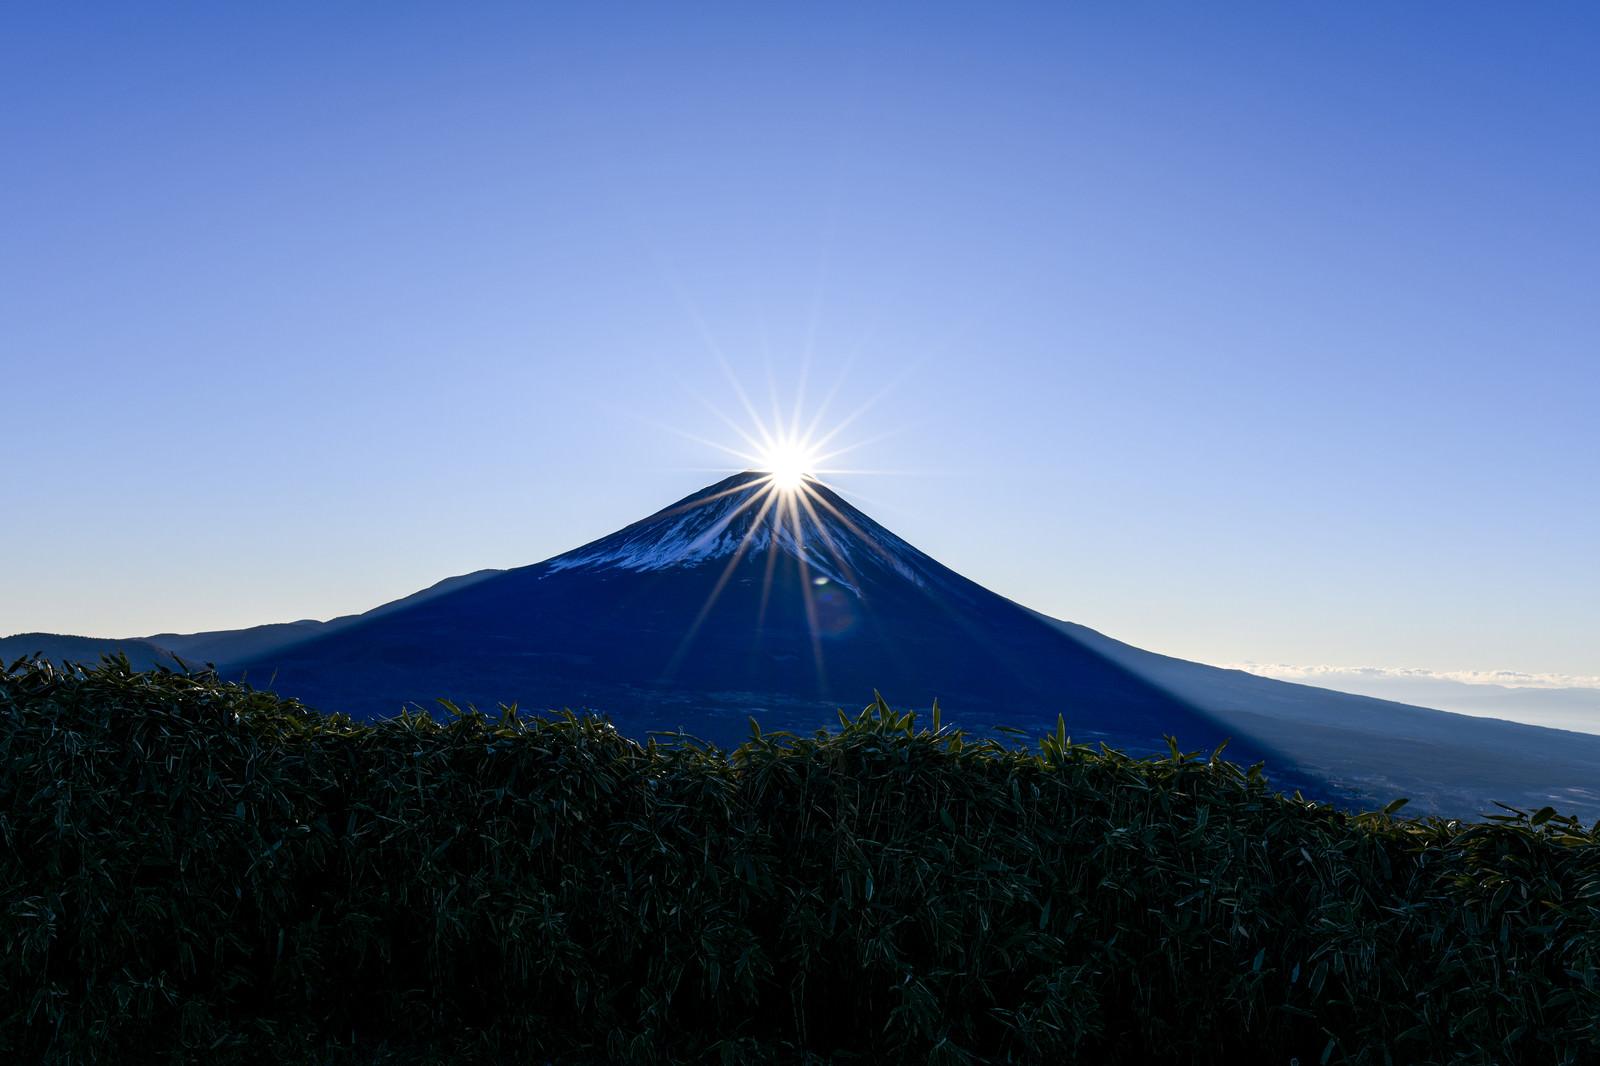 「竜ヶ岳から見る富士山に上がるダイヤモンド富士」の写真